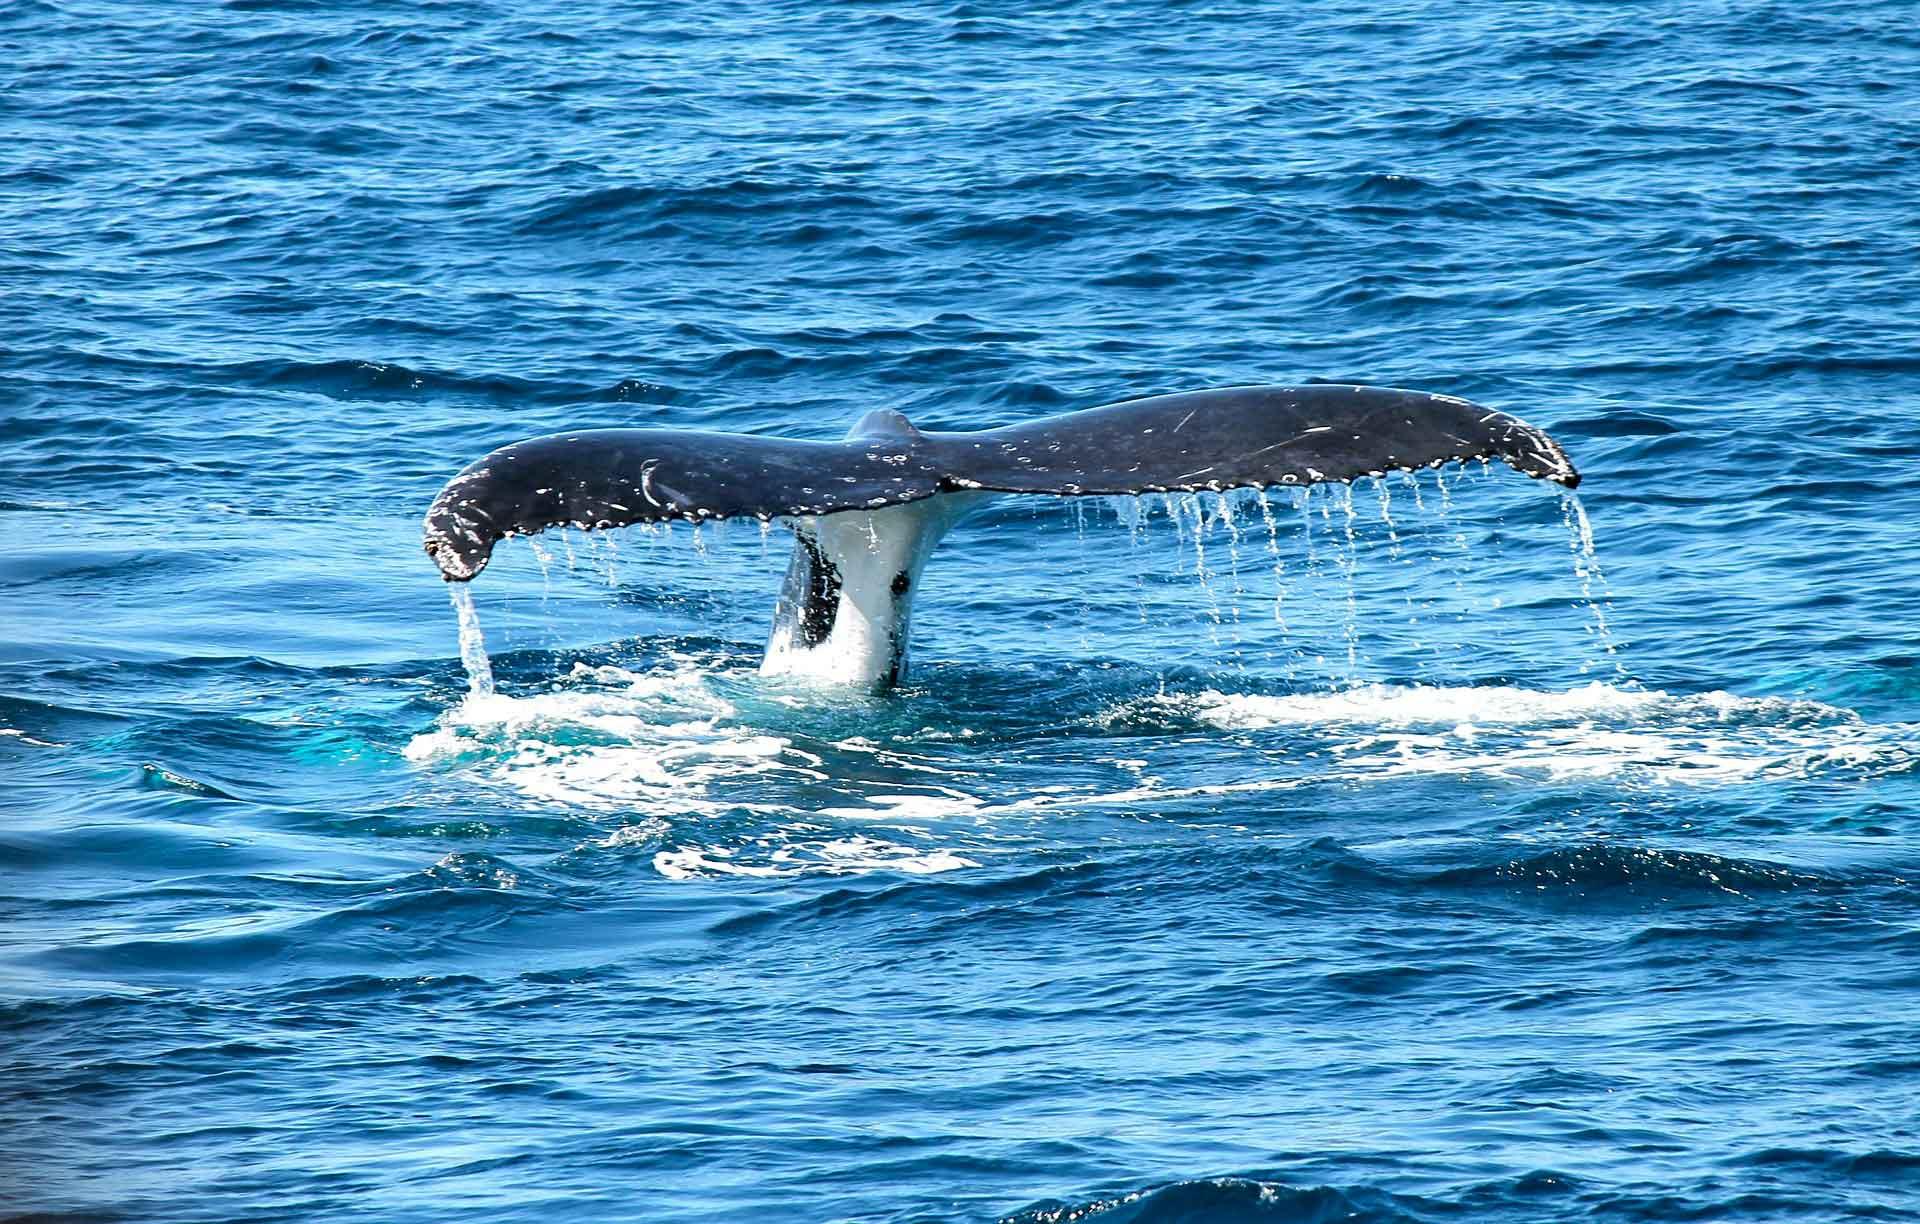 whale-367233_1920-web